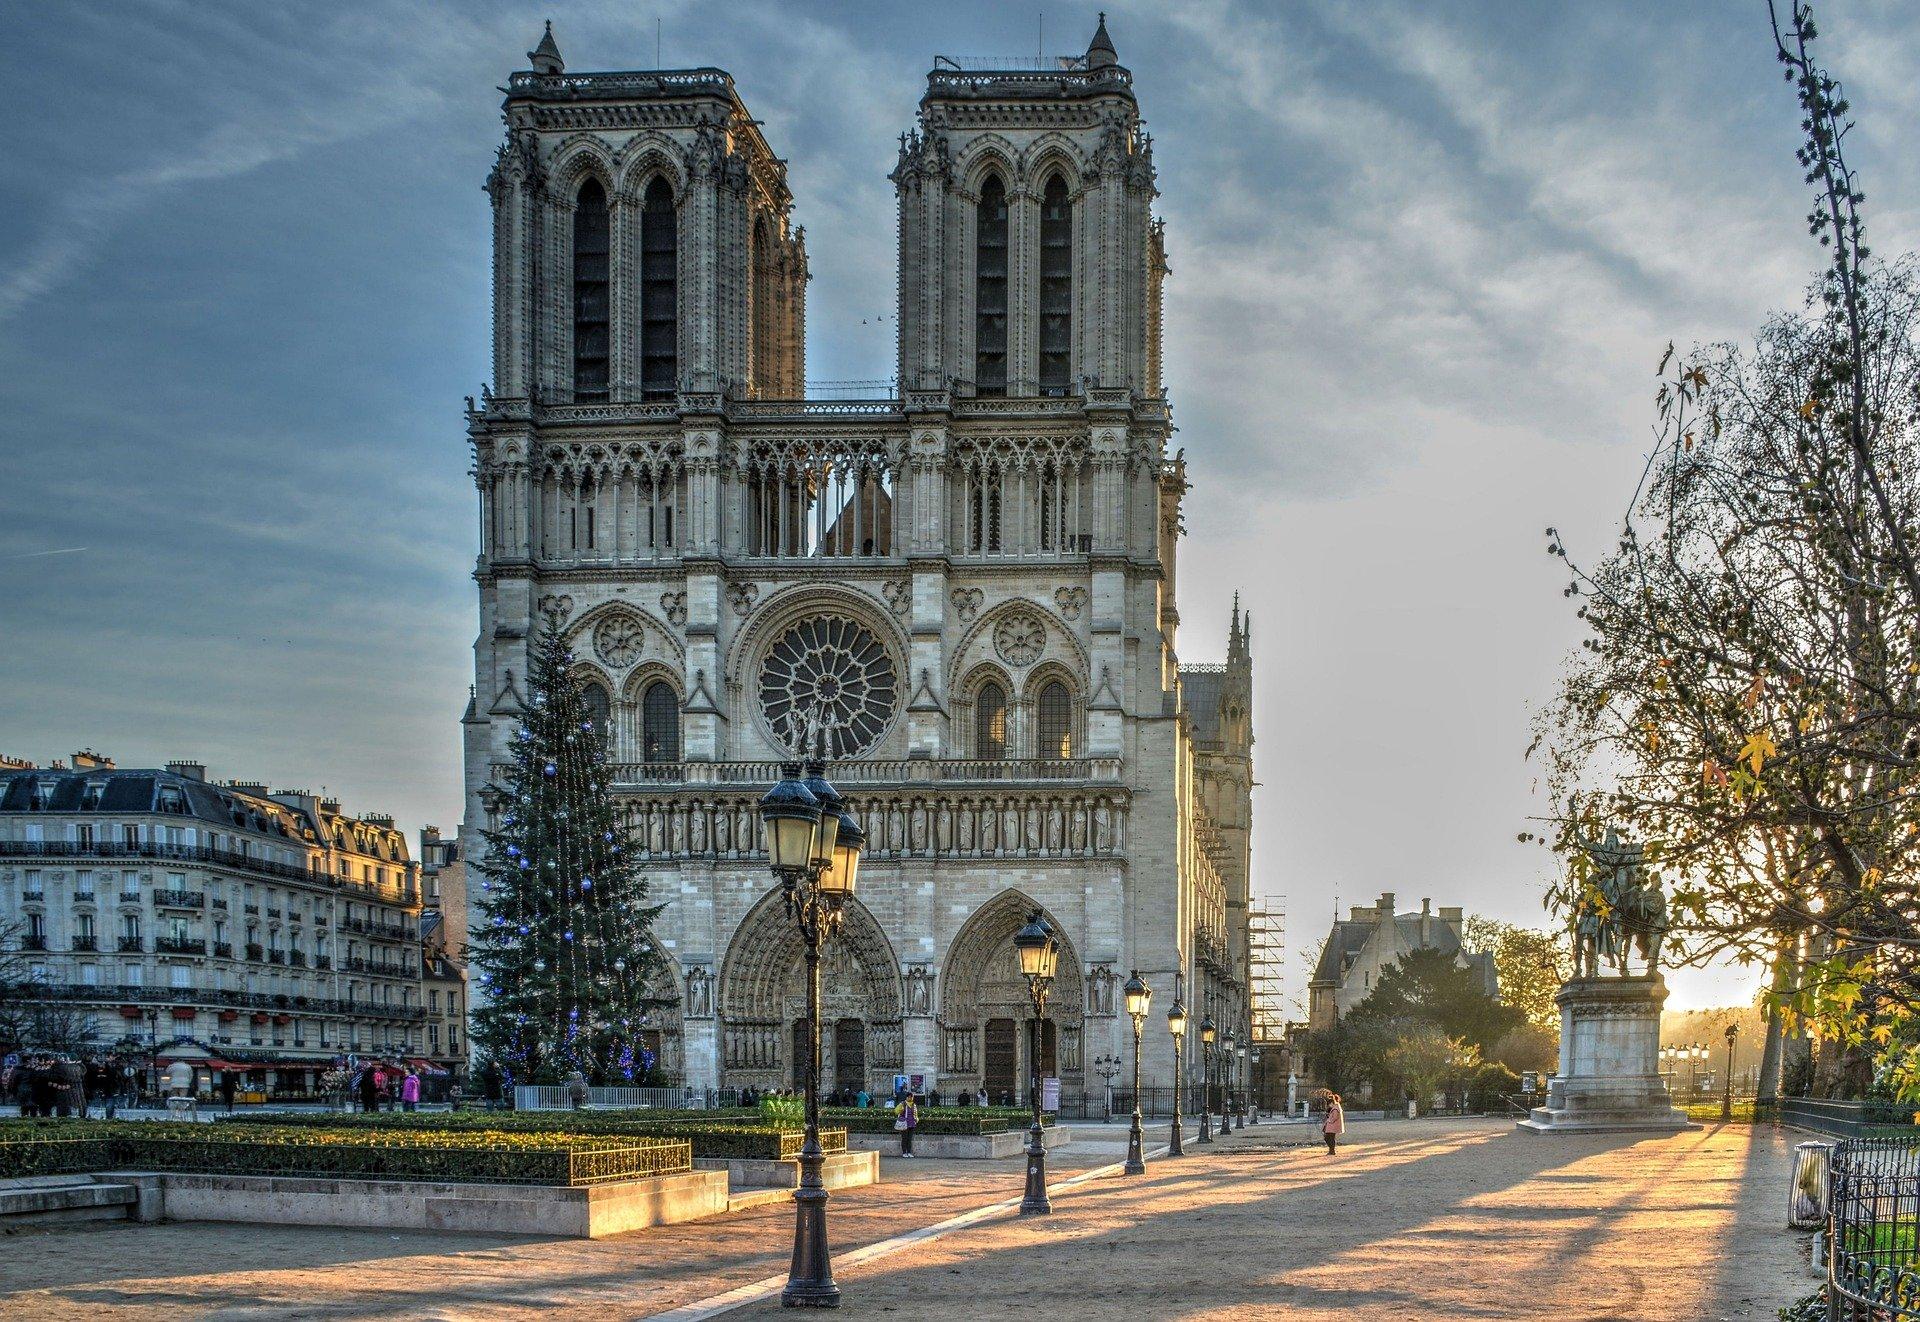 À Notre-Dame, les matériaux livrent leurs secrets | Reportage CNRS